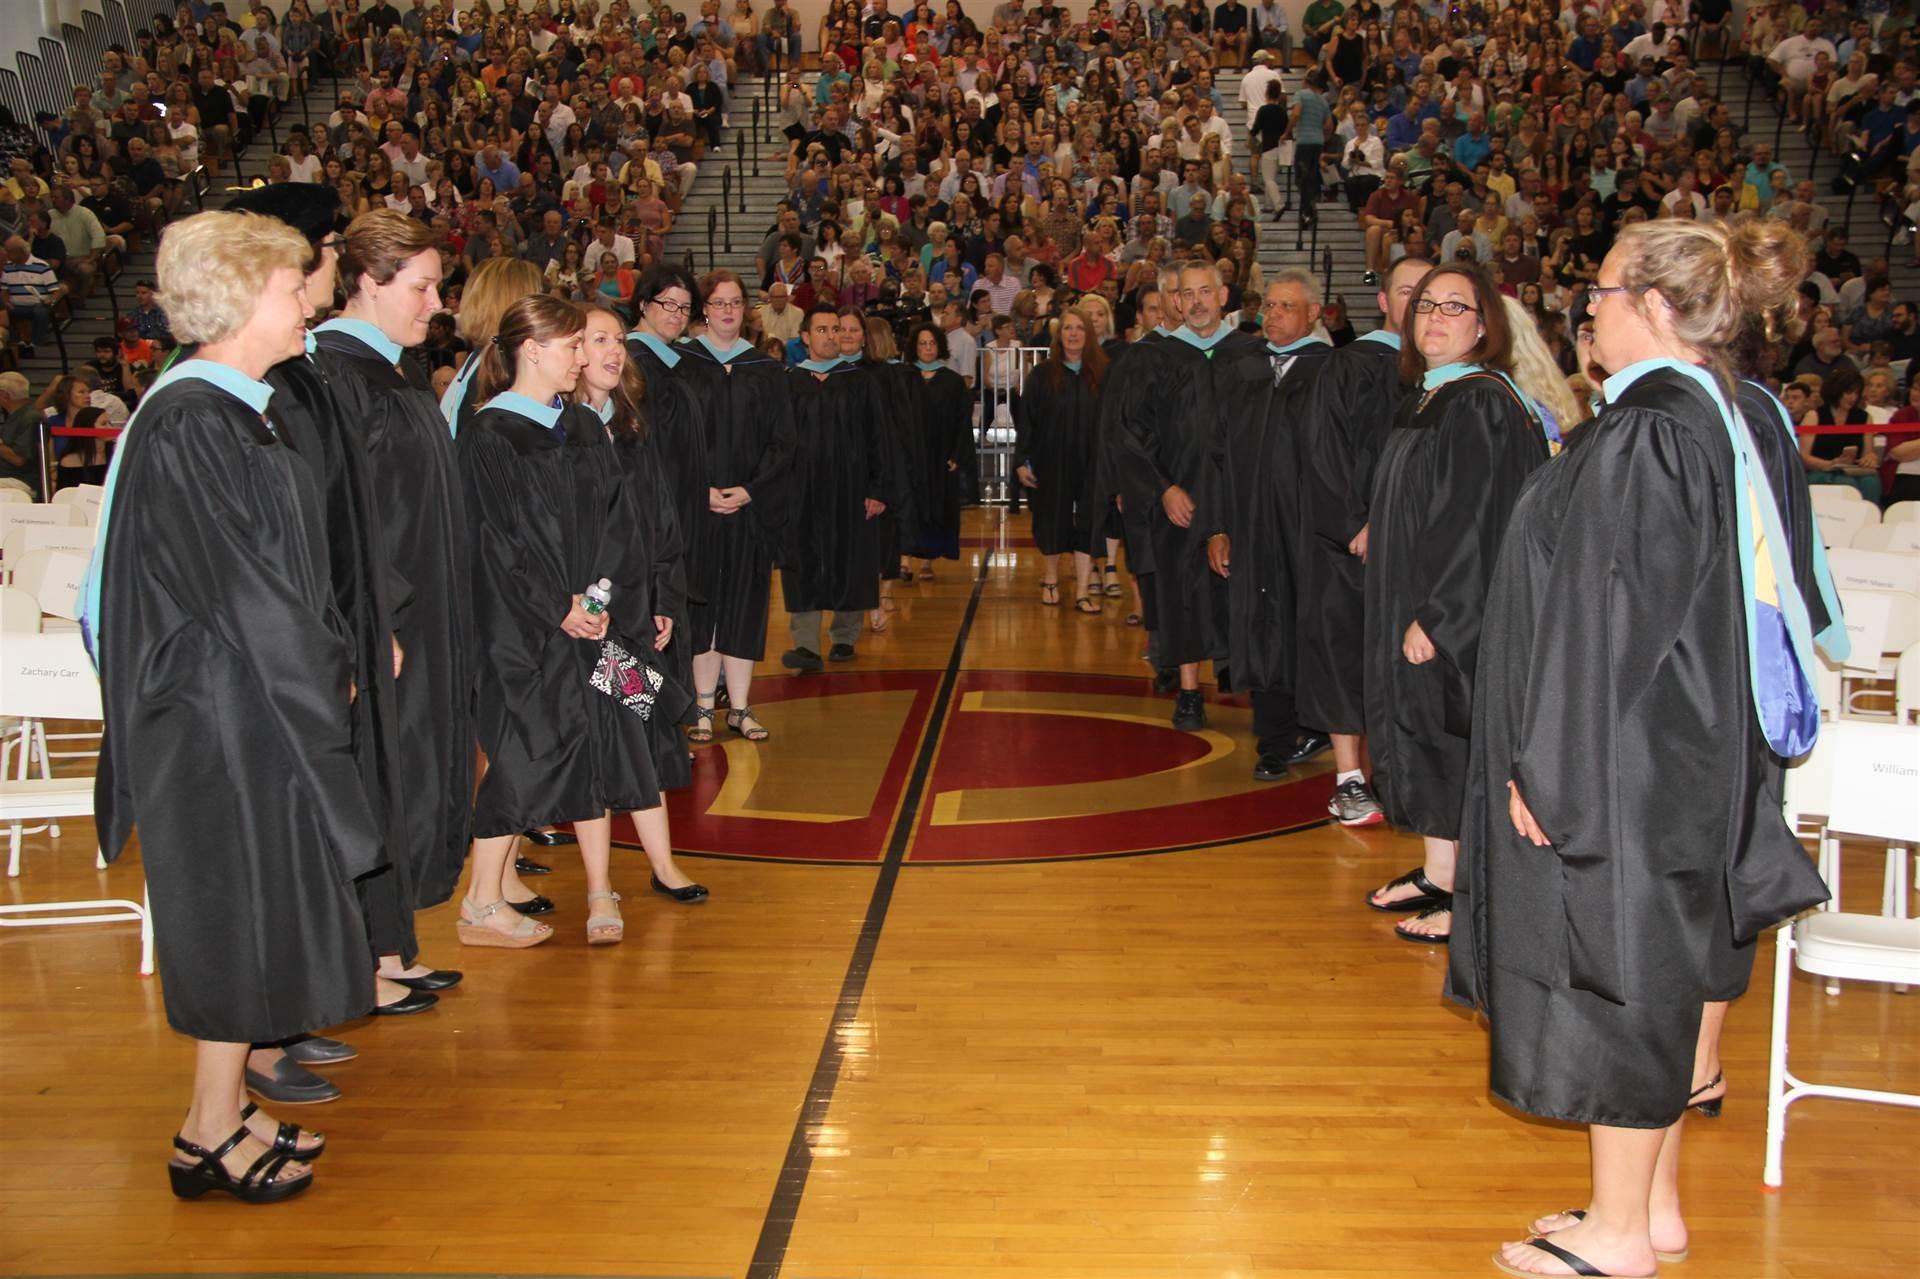 photo 25 from 2017 C V Graduation